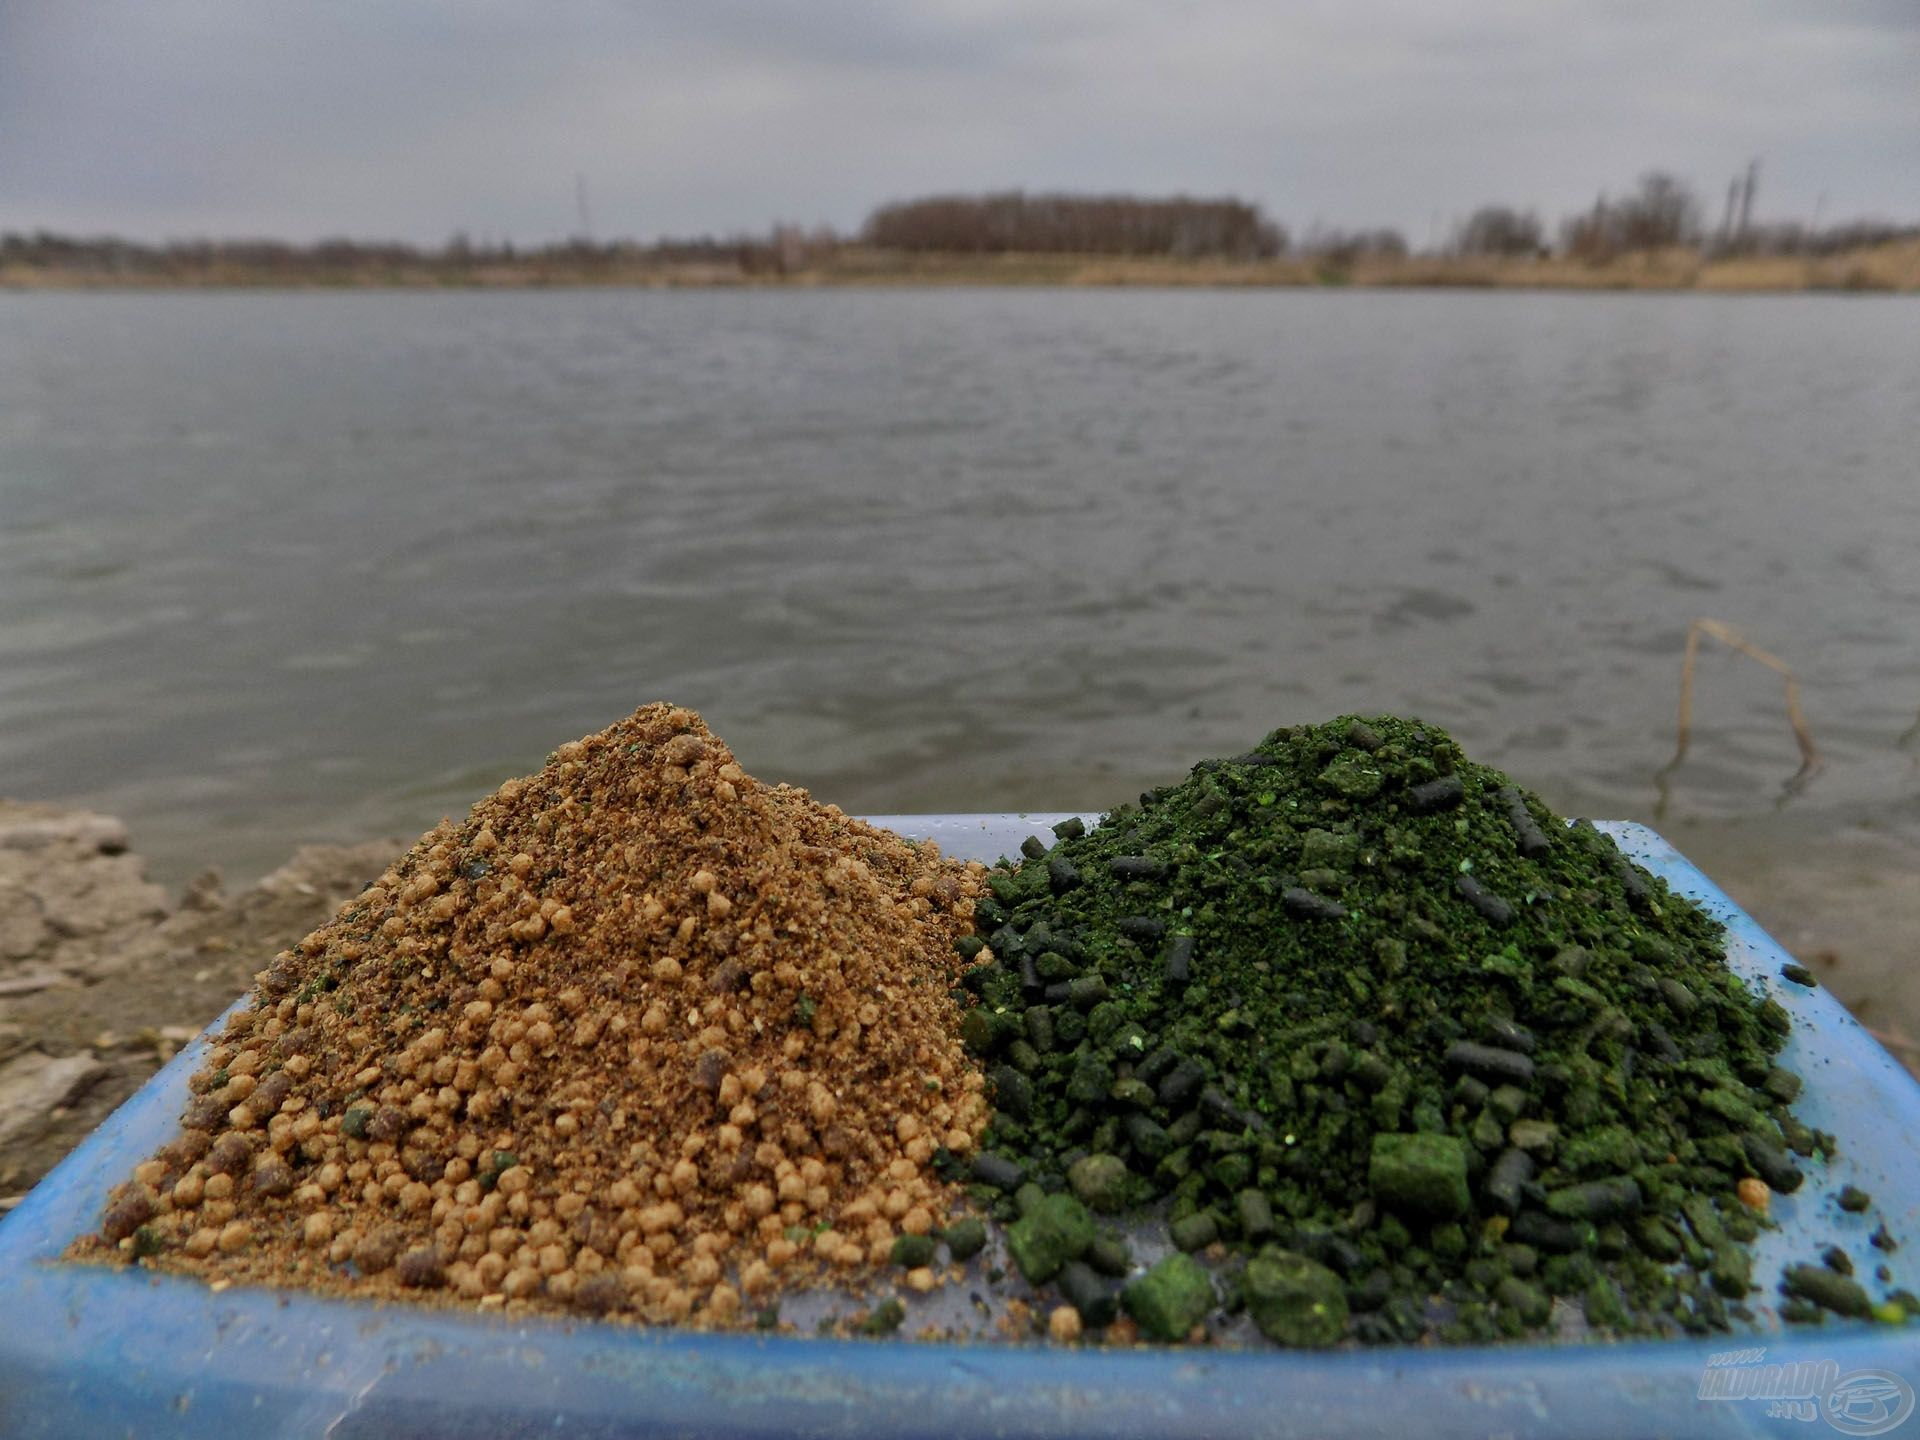 Bátran használjunk a májas ízvilágtól eltérő ízesítésű Stick Mixeket is! A májas-borsos keverék sok horgászatomon ajándékozott meg nem hétköznapi fogásokkal